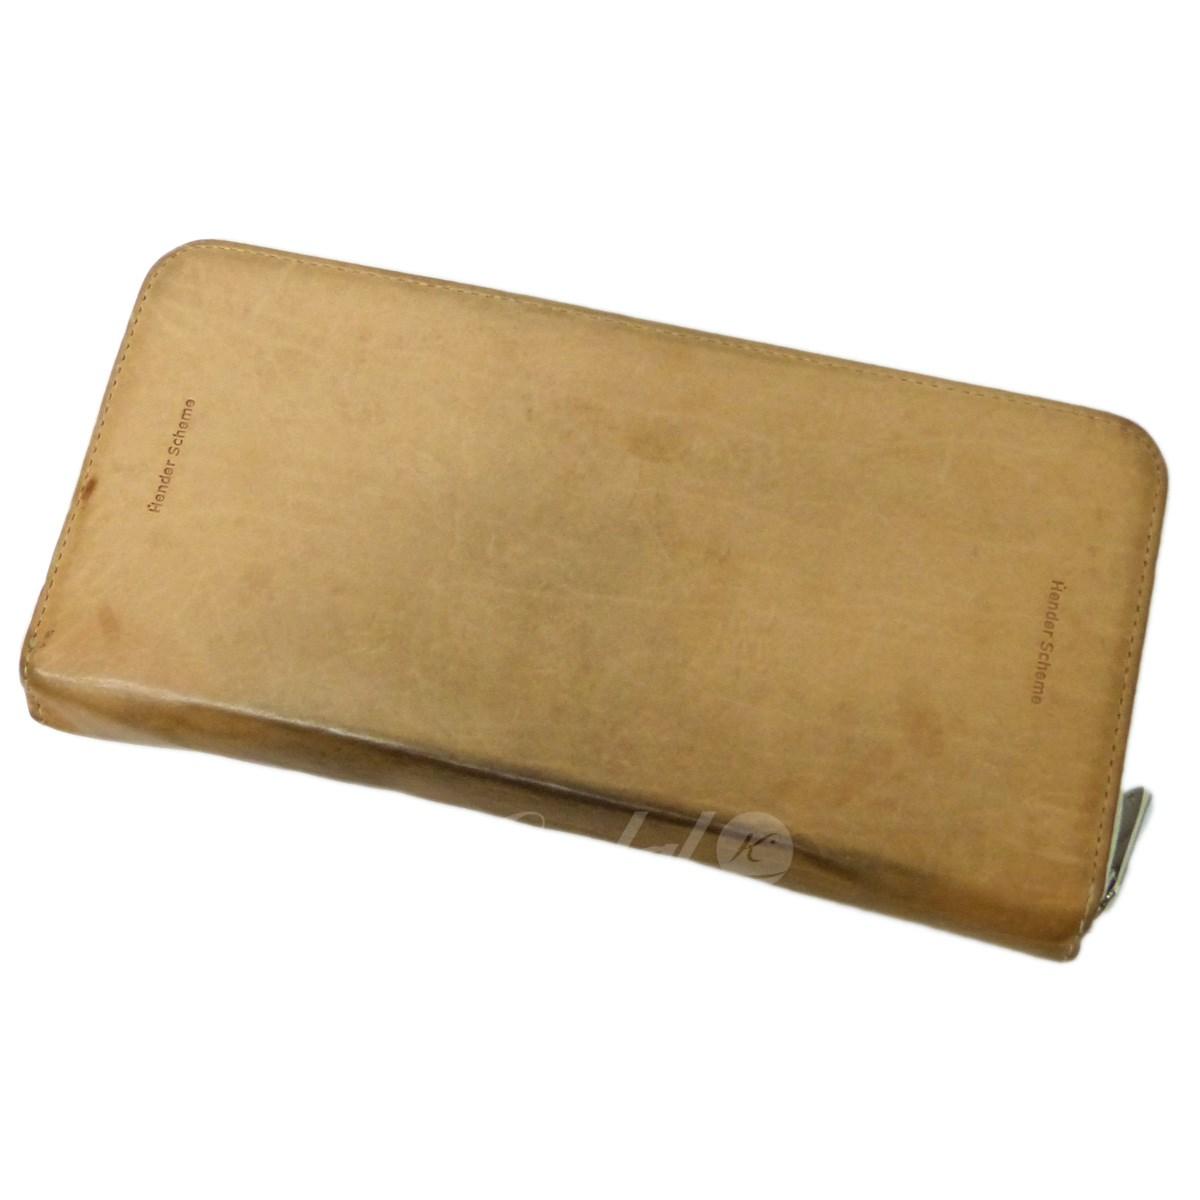 【中古】Hender Scheme「long zip purse」ラウンドジップ長財布 ナチュラル サイズ:-